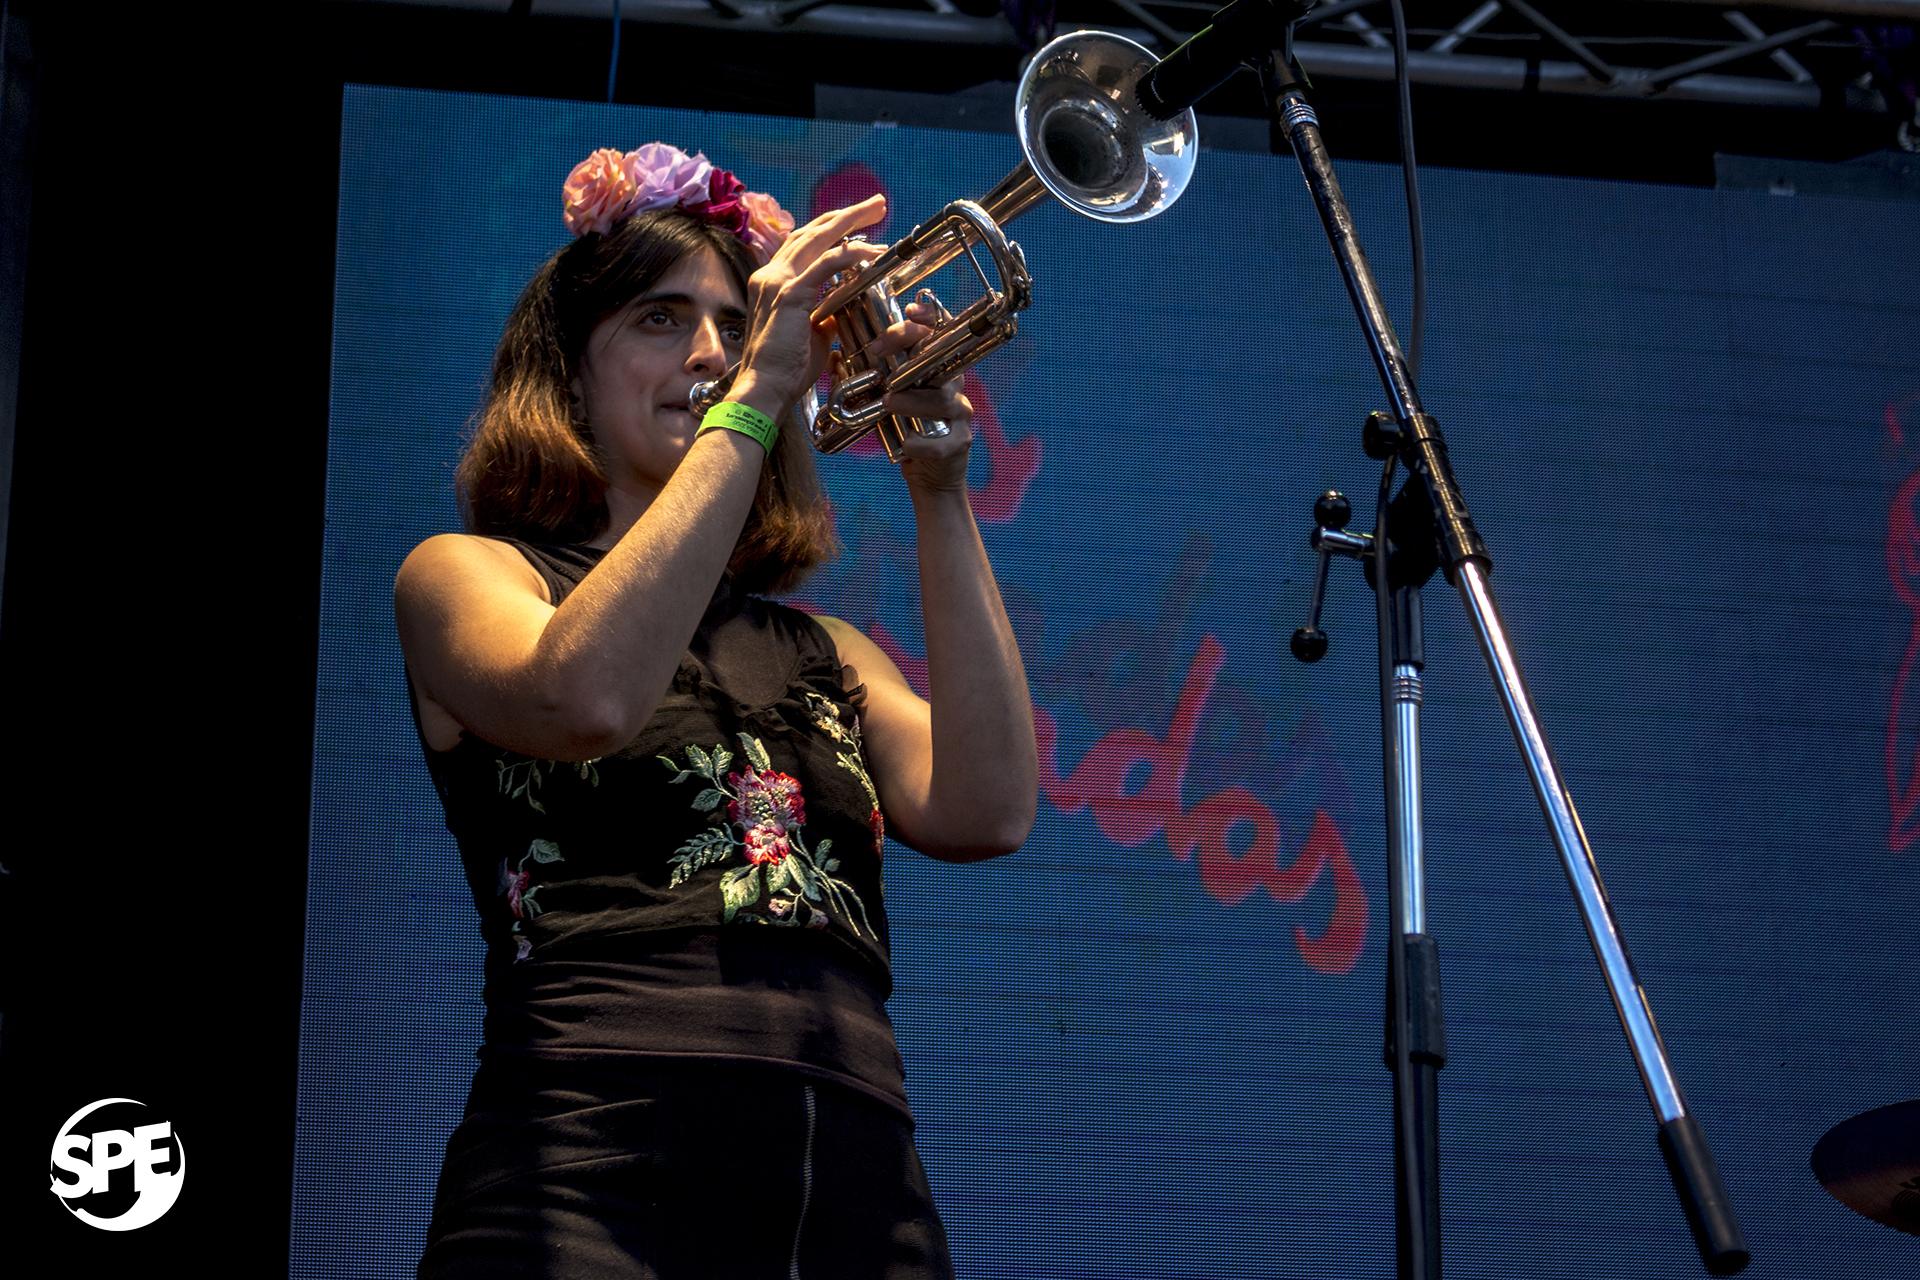 Las-Taradas-Festival-Buena-Vibra-Konex-15-04-18-Natalia-Vidal-Solo-Para-Entendidos_162.jpg